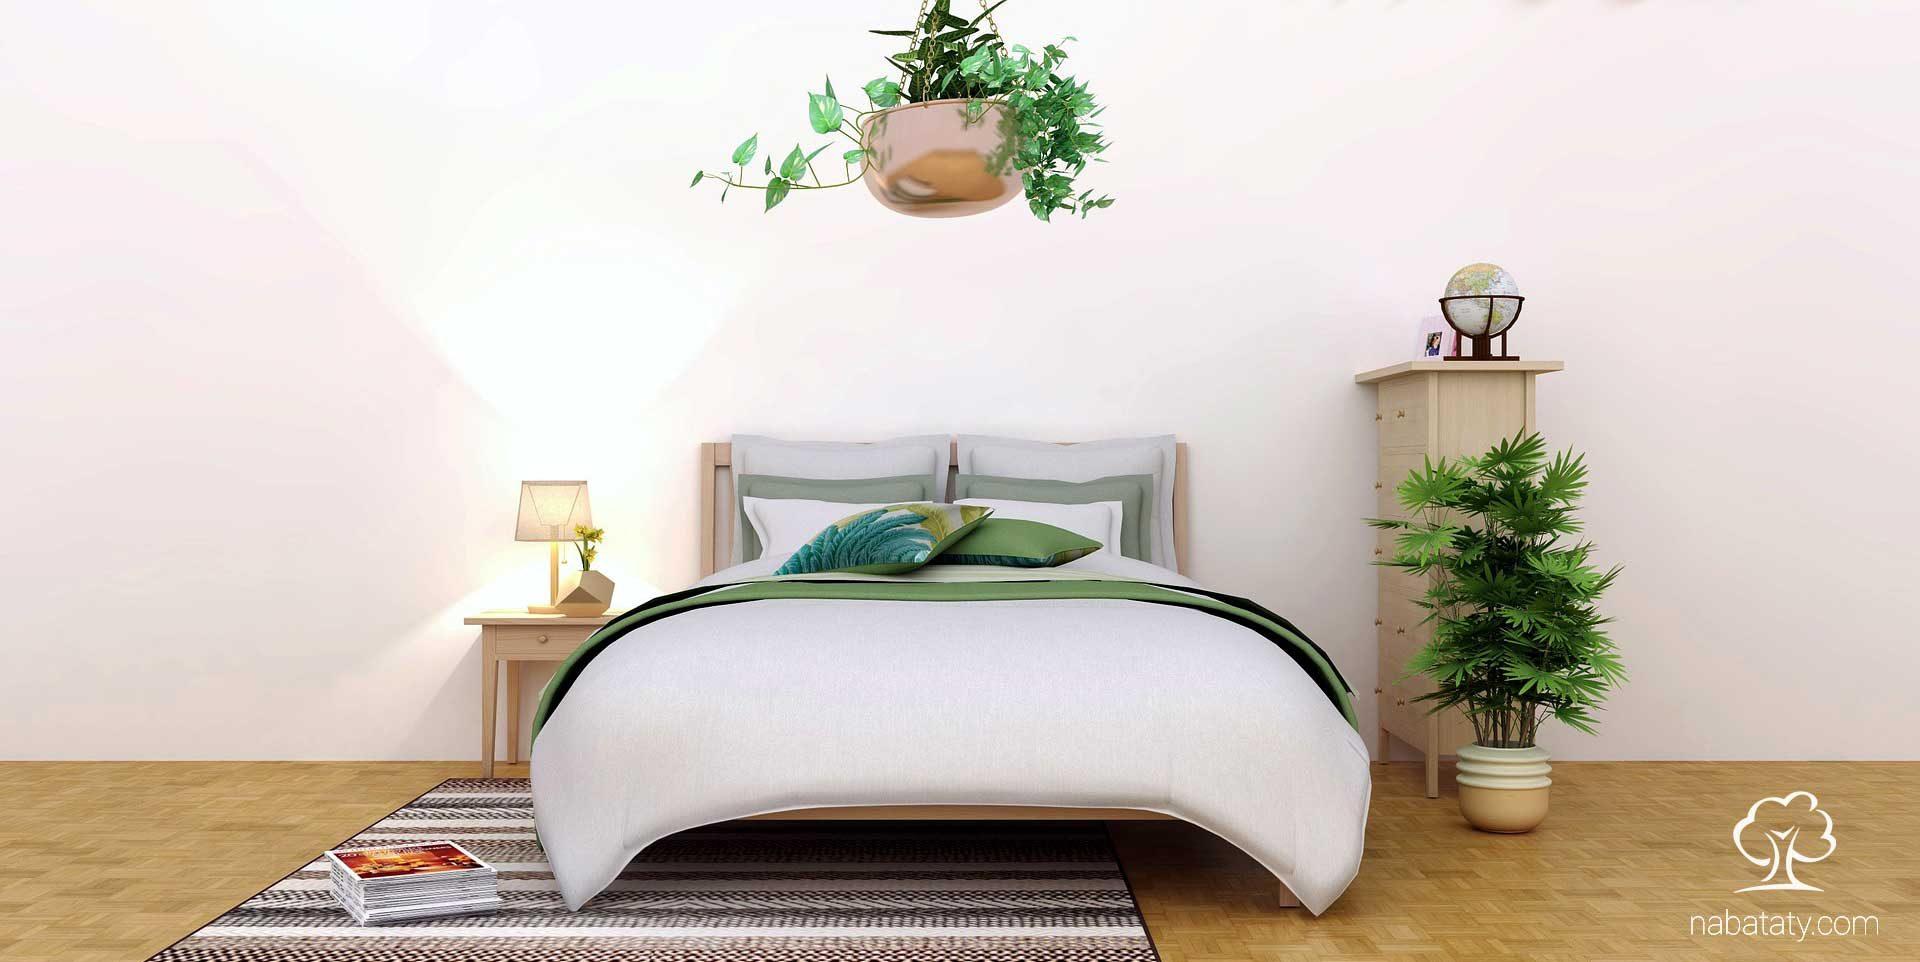 النباتات في غرف النوم وخطر الاختناق